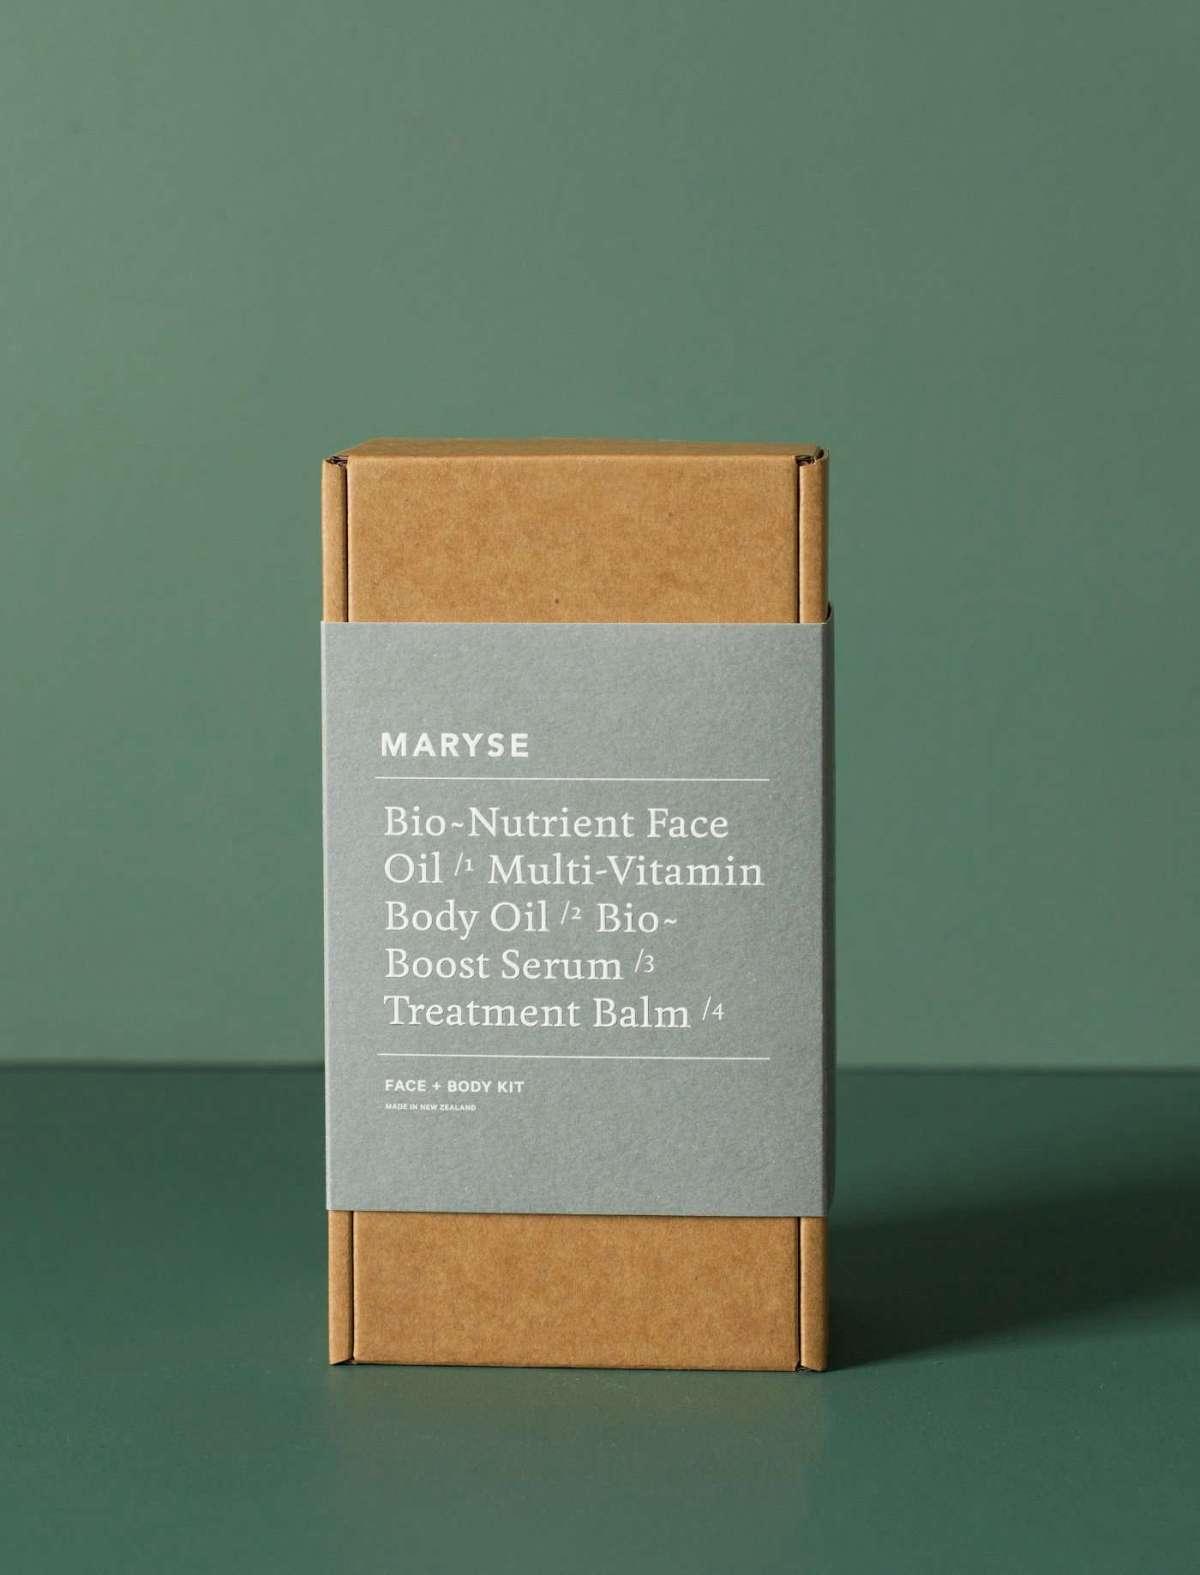 Example of Packaging Sleeve